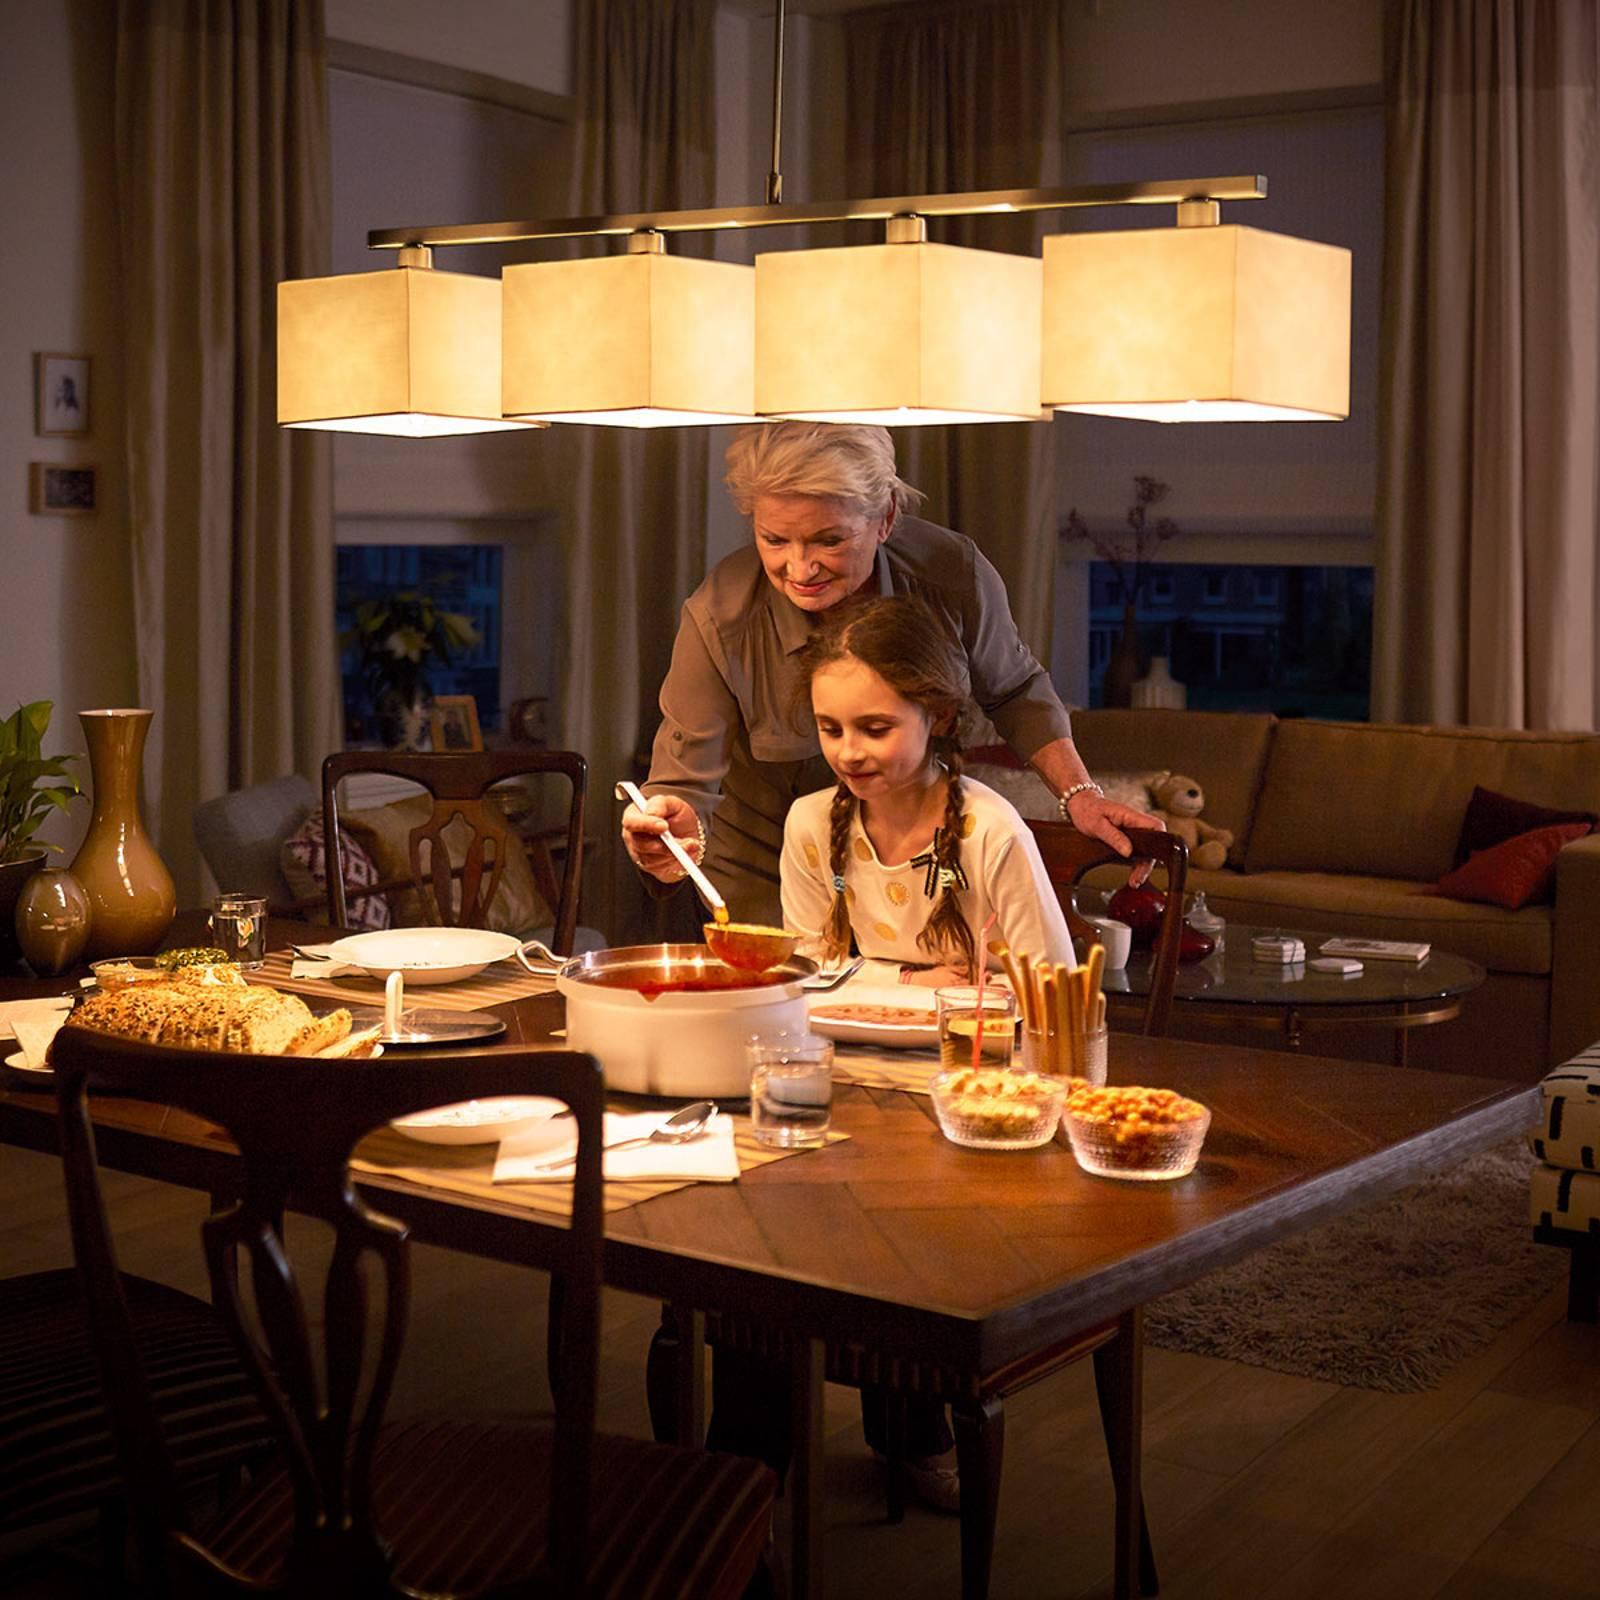 Philips SceneSwitch E14 LED candela 4,3W filamenti